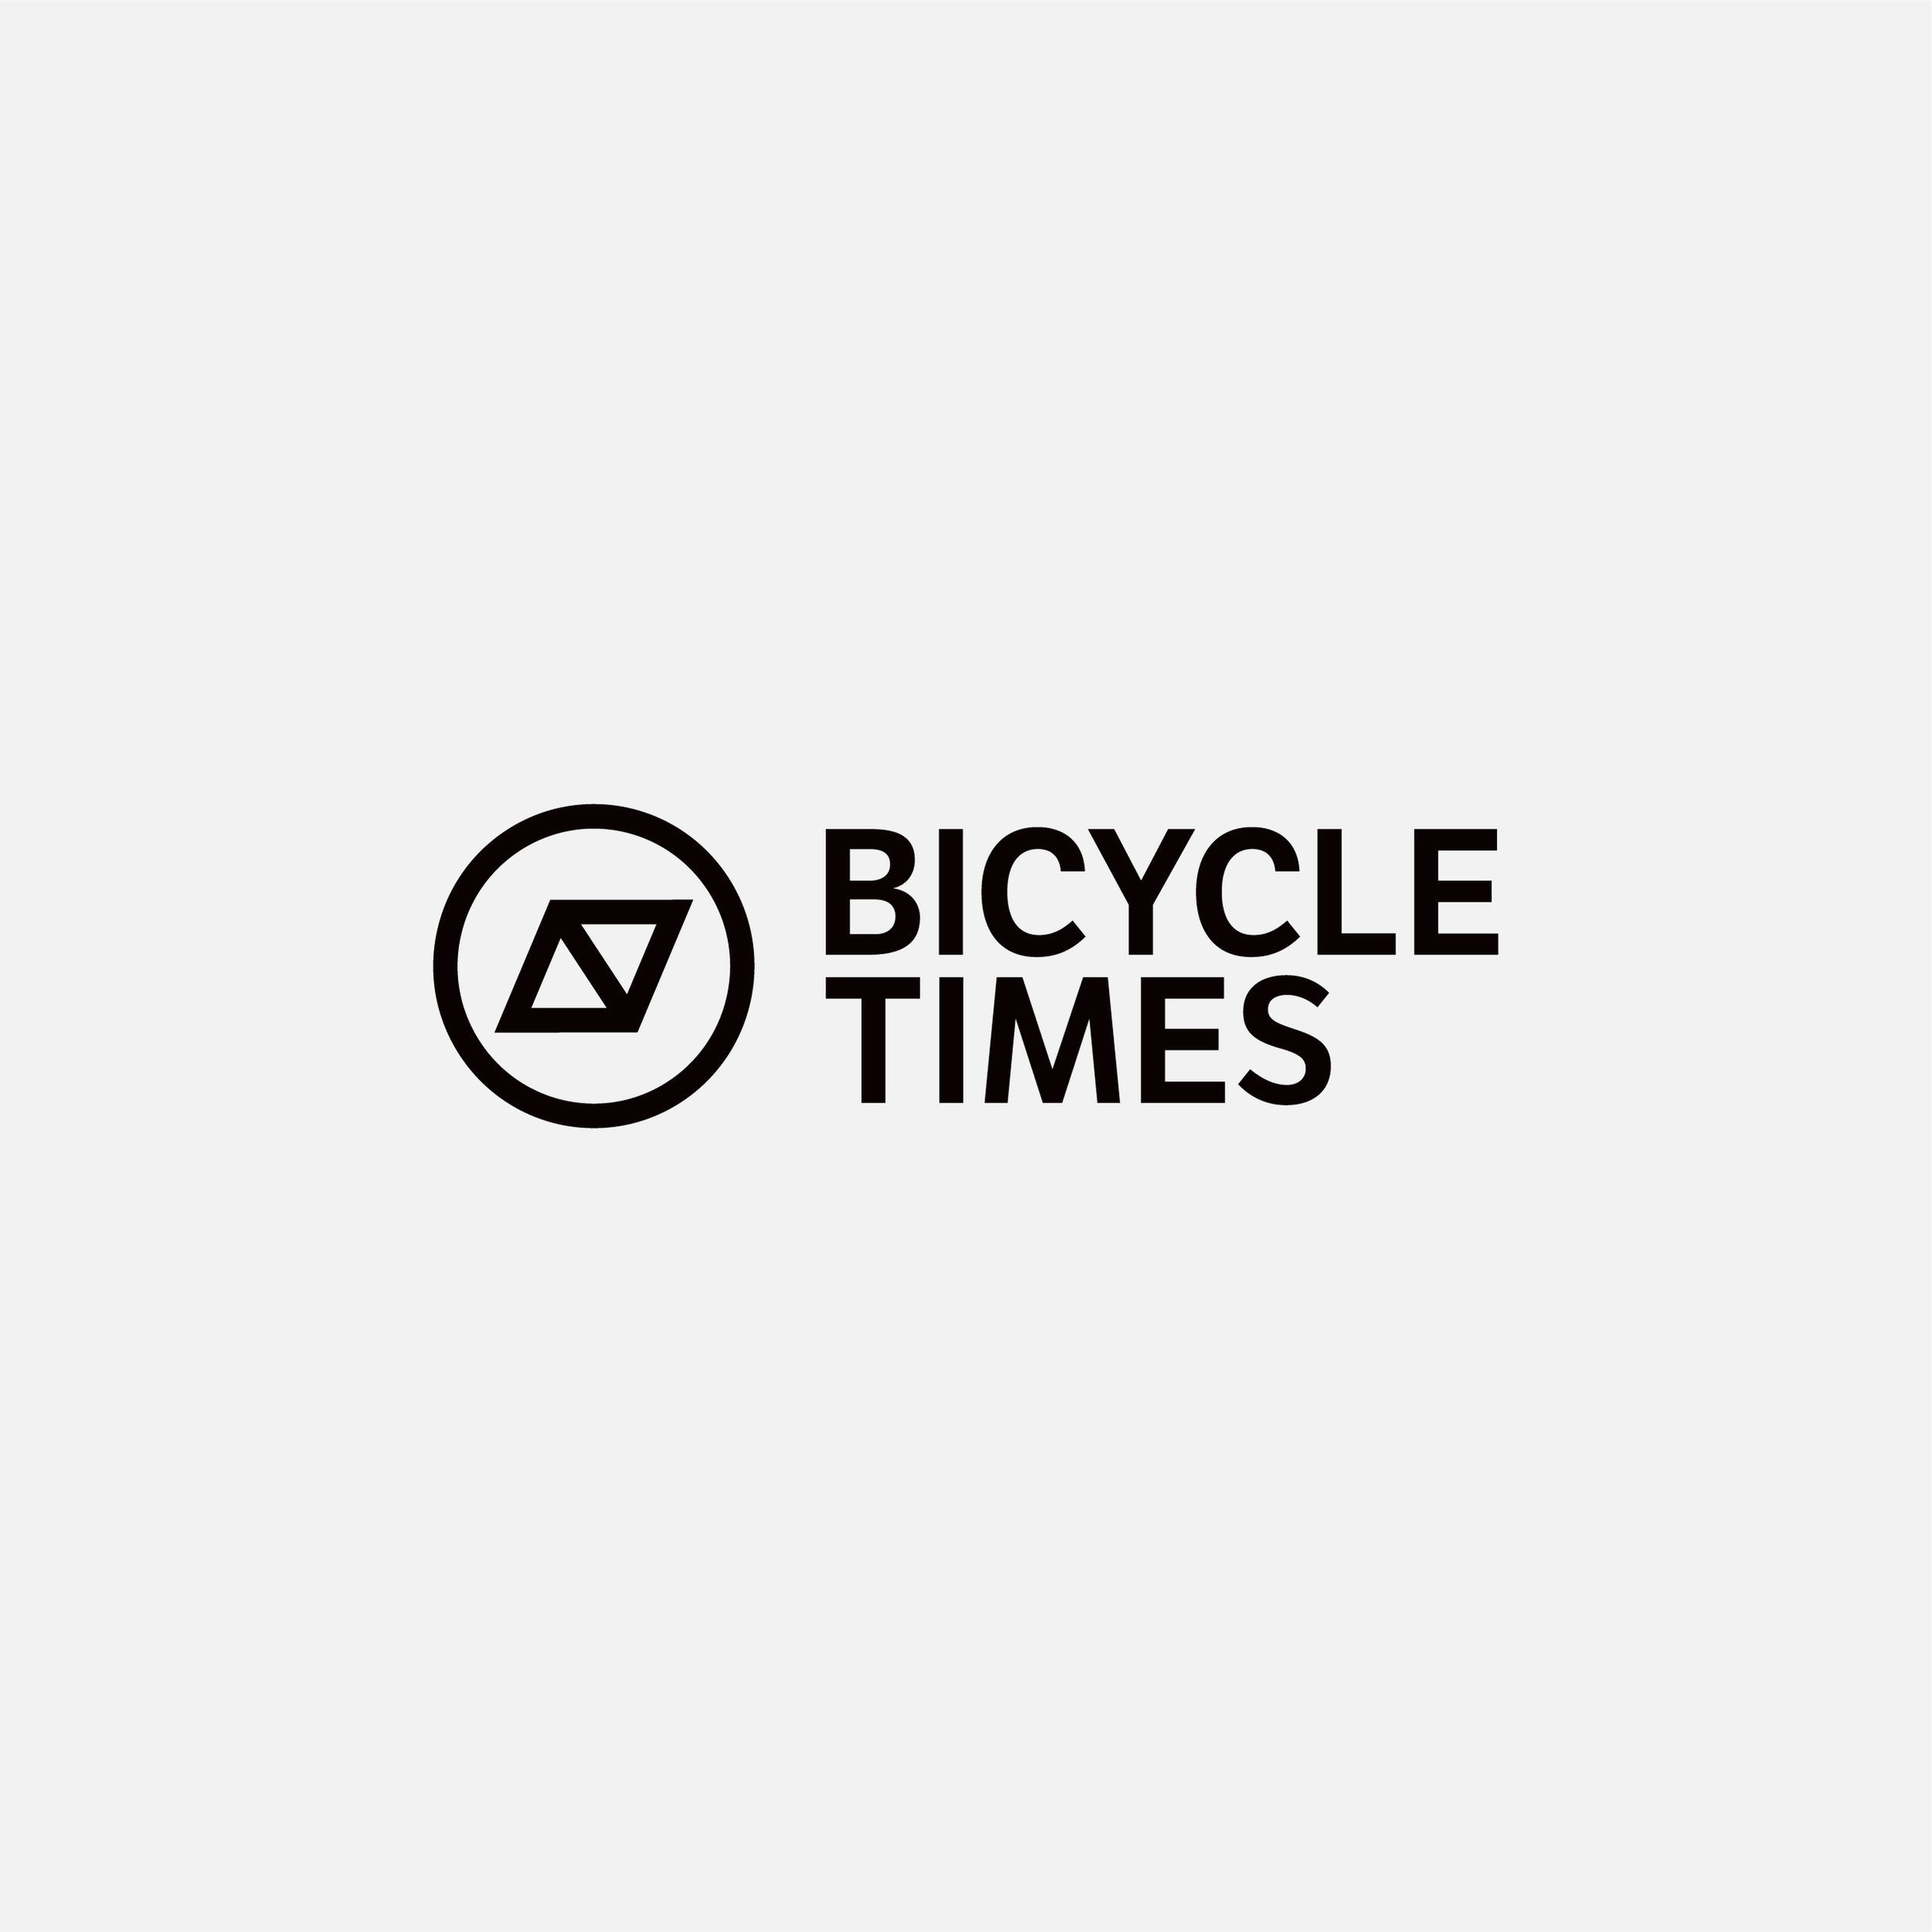 Bicycle Times.jpg